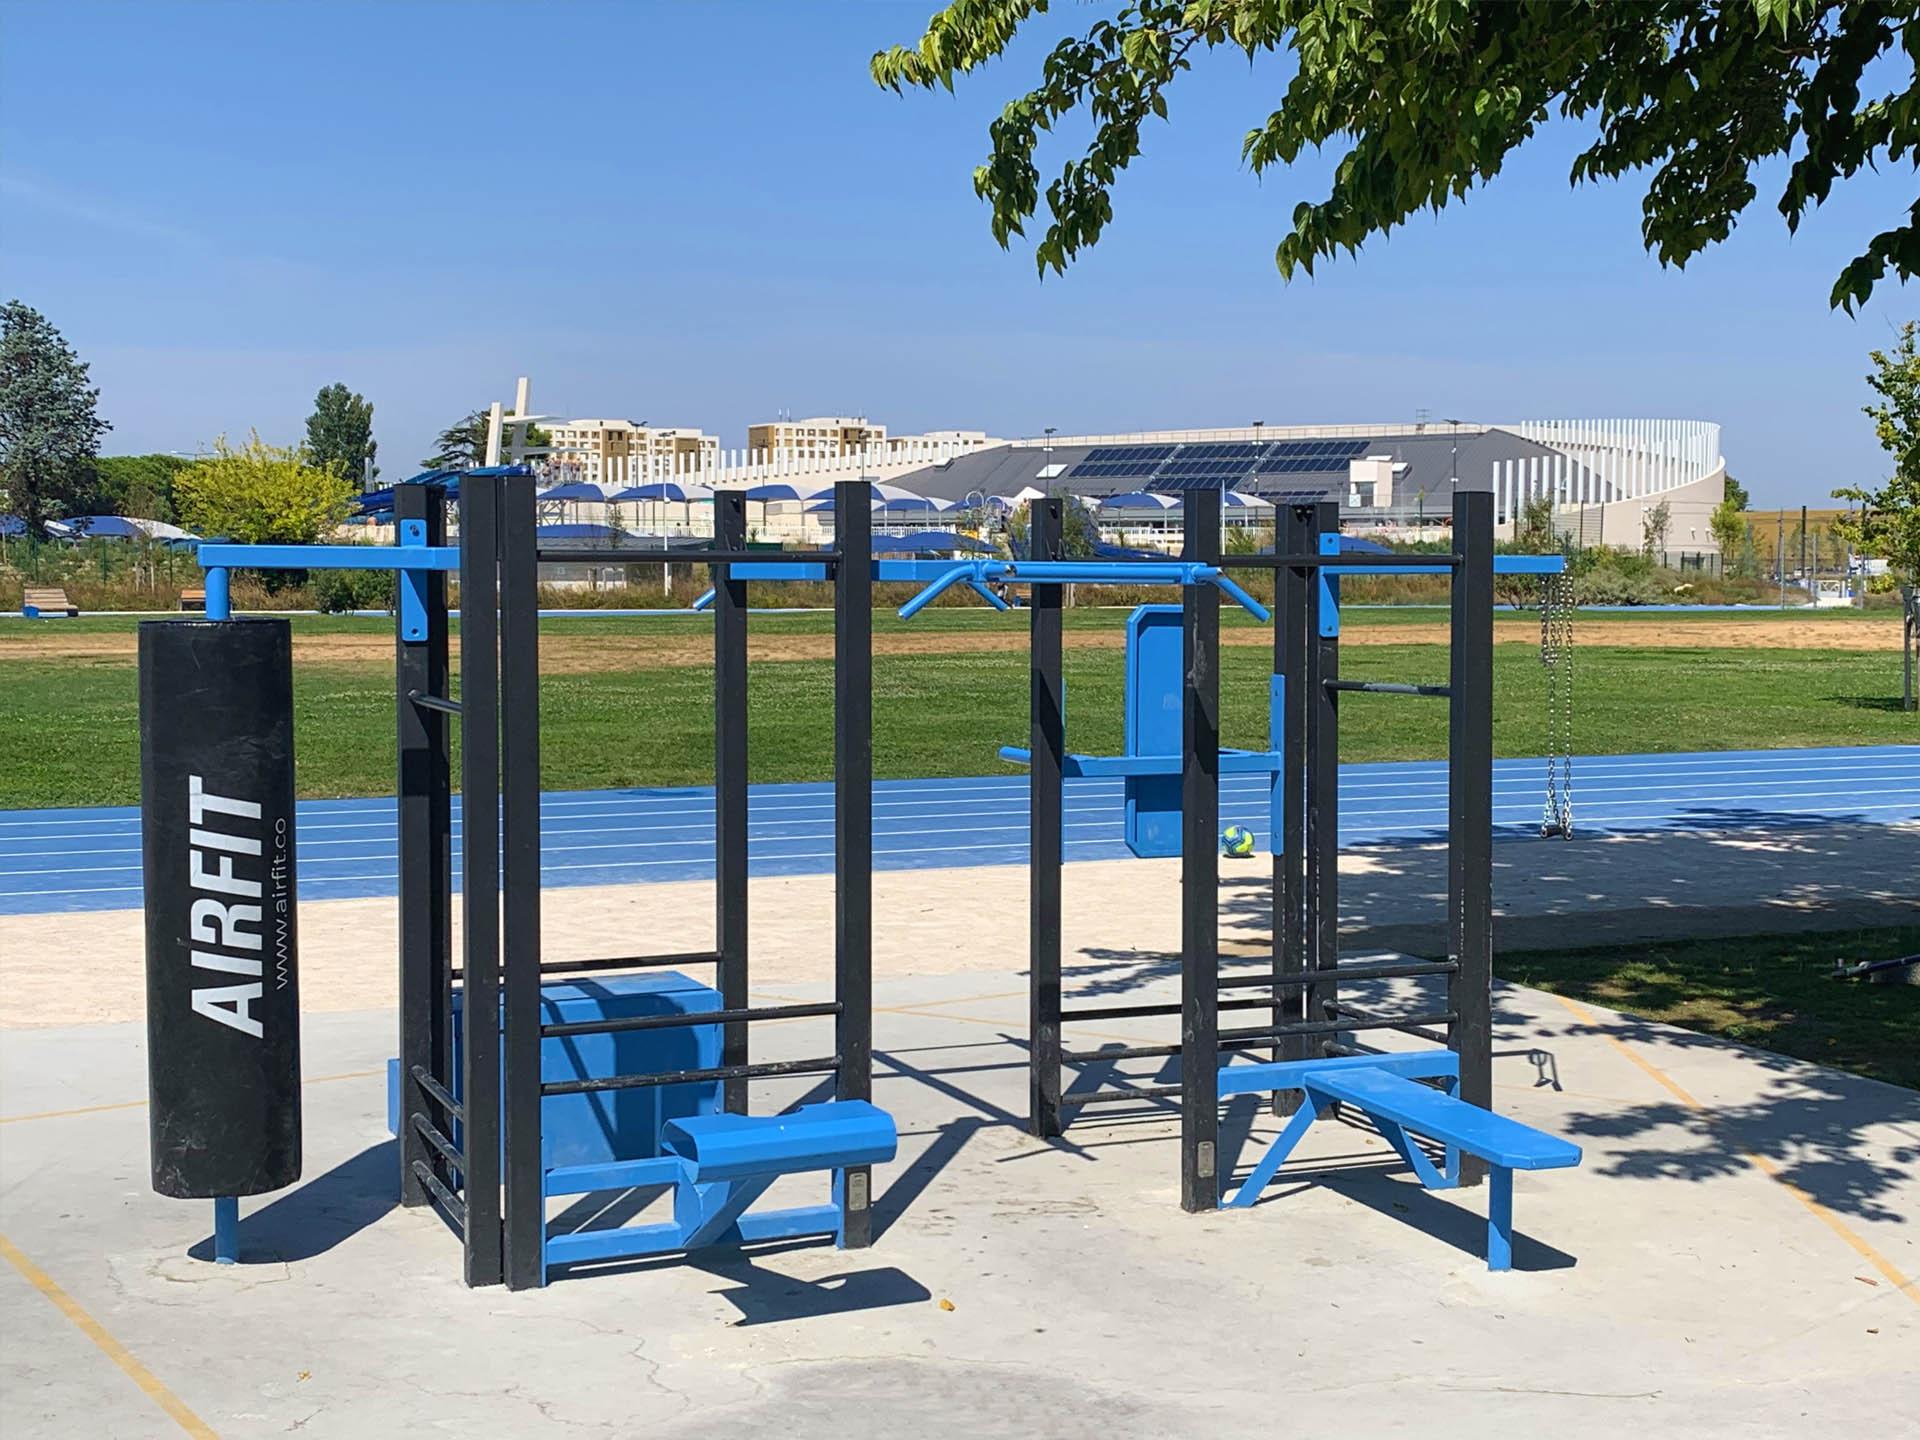 Photo de l'aire de Fitness du Parc des Sports d'Avignon